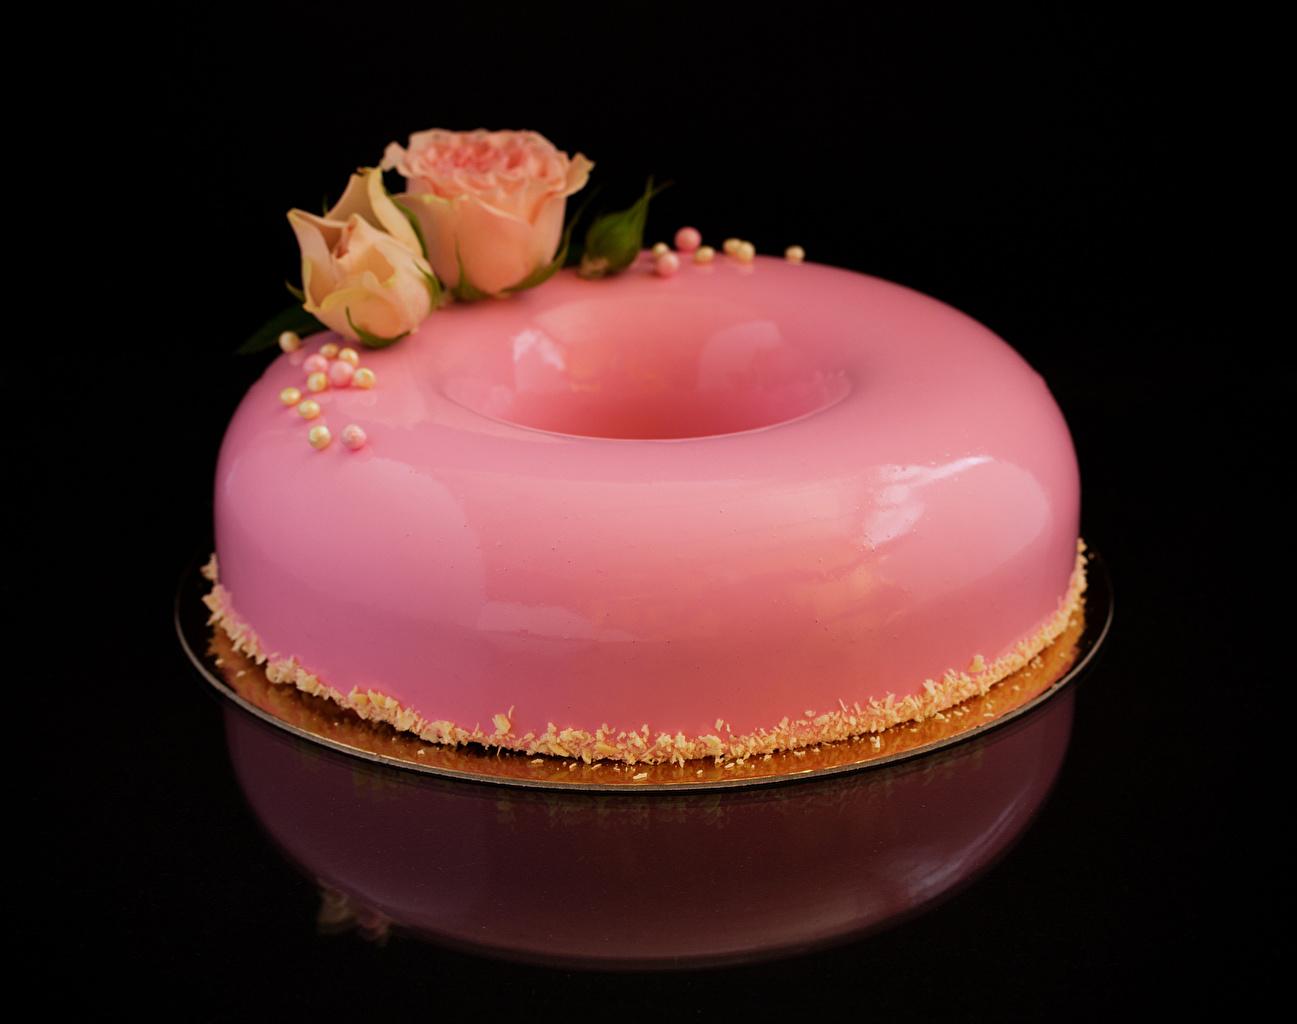 Фото роза Торты розовая Еда Сладости Черный фон дизайна Розы розовых Розовый розовые Пища Продукты питания сладкая еда на черном фоне Дизайн